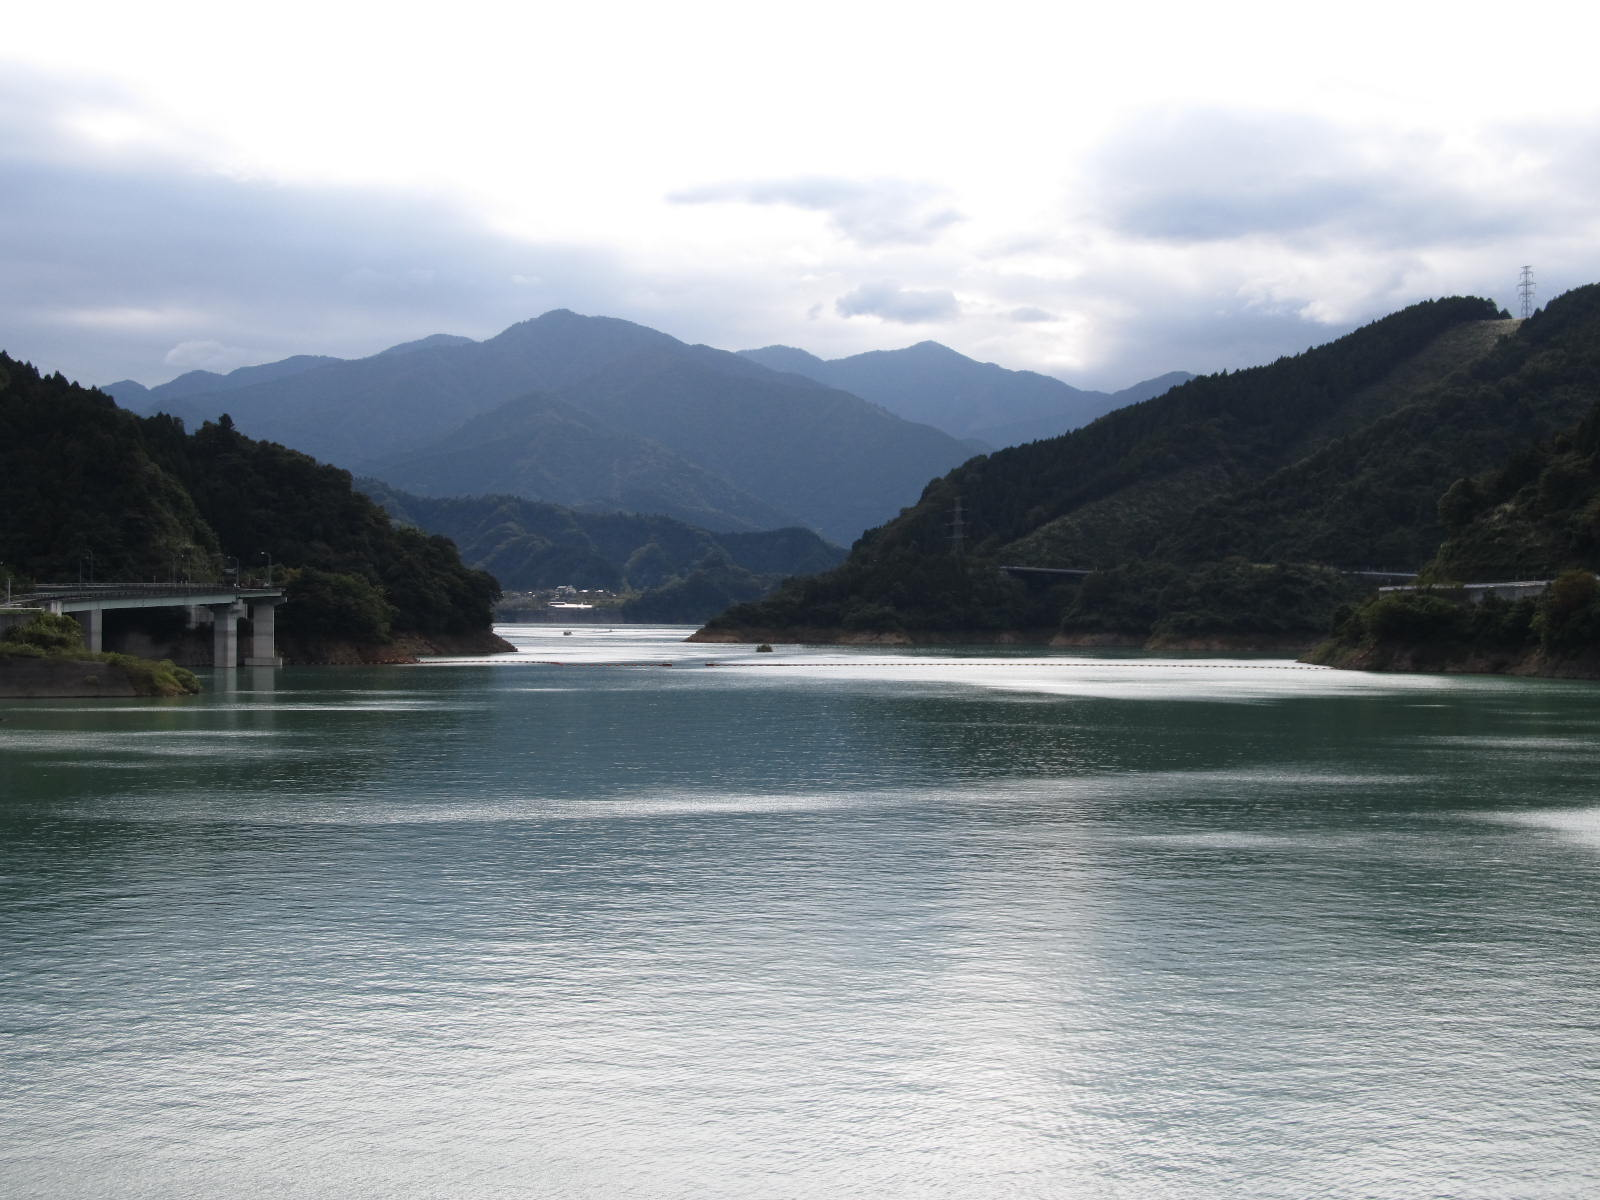 宮ヶ瀬湖から見る丹沢山塊